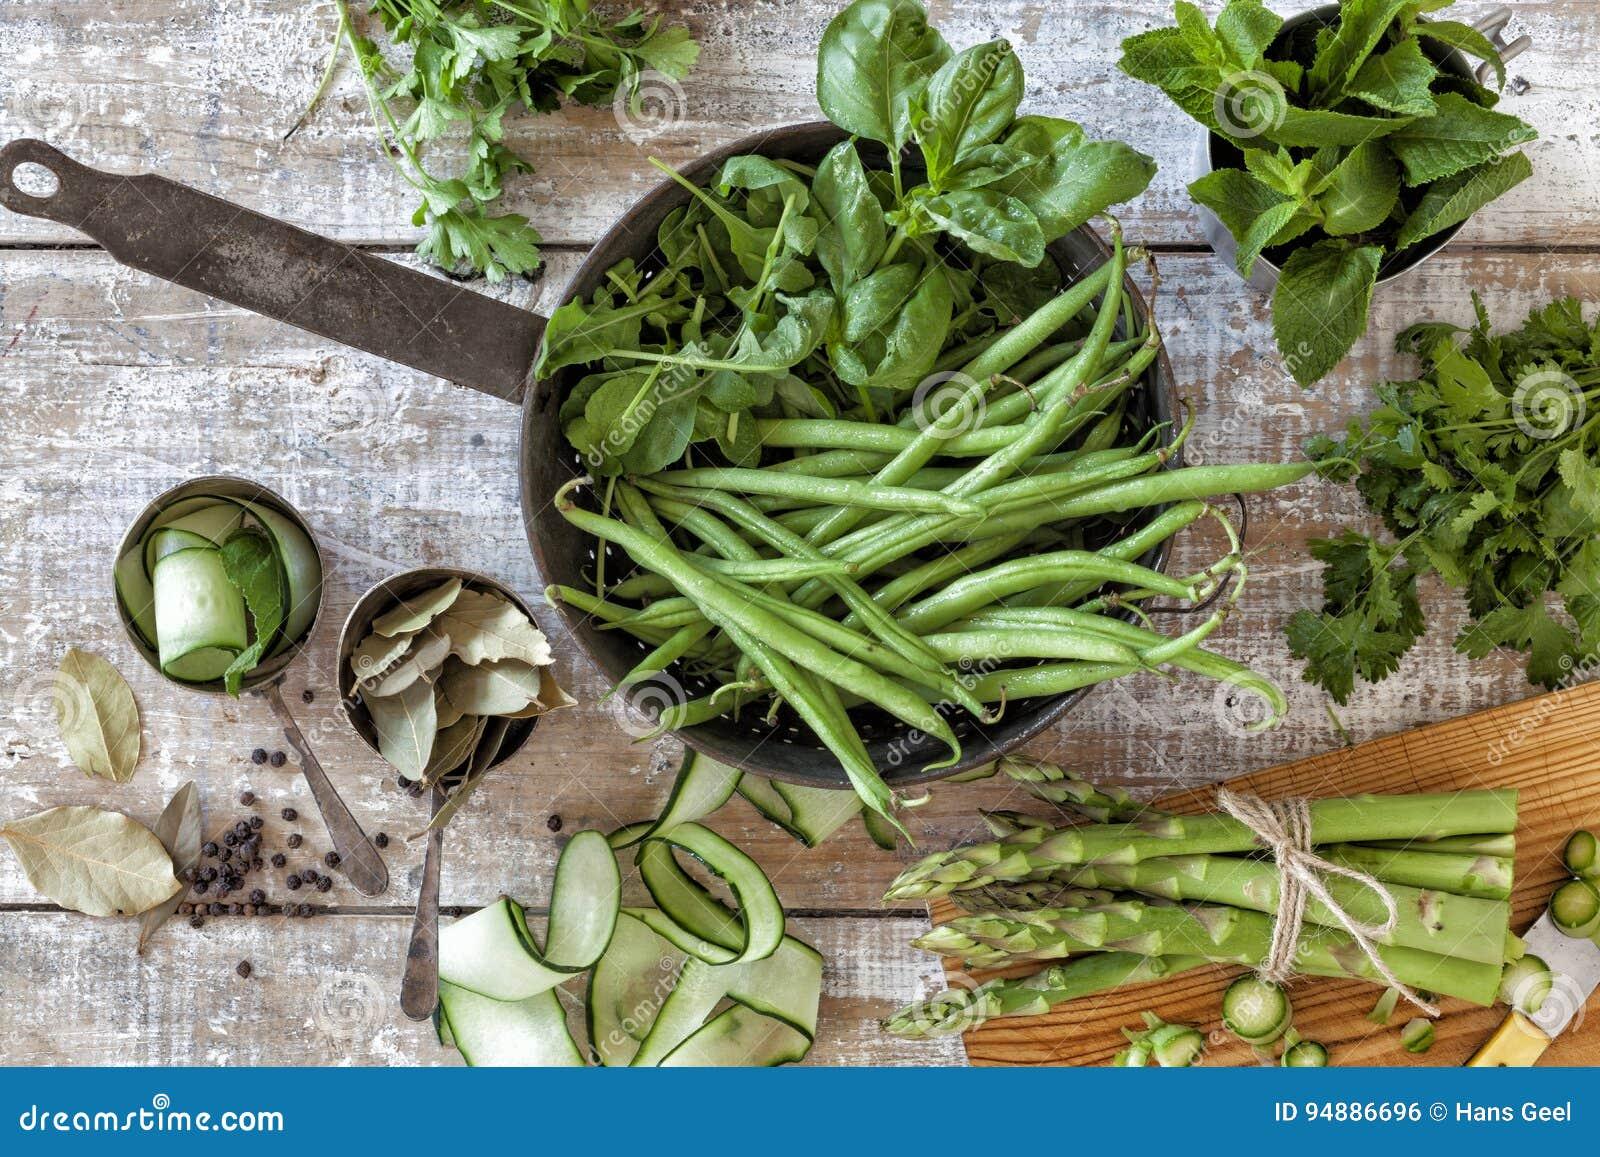 Verduras e hierbas de cosecha propia